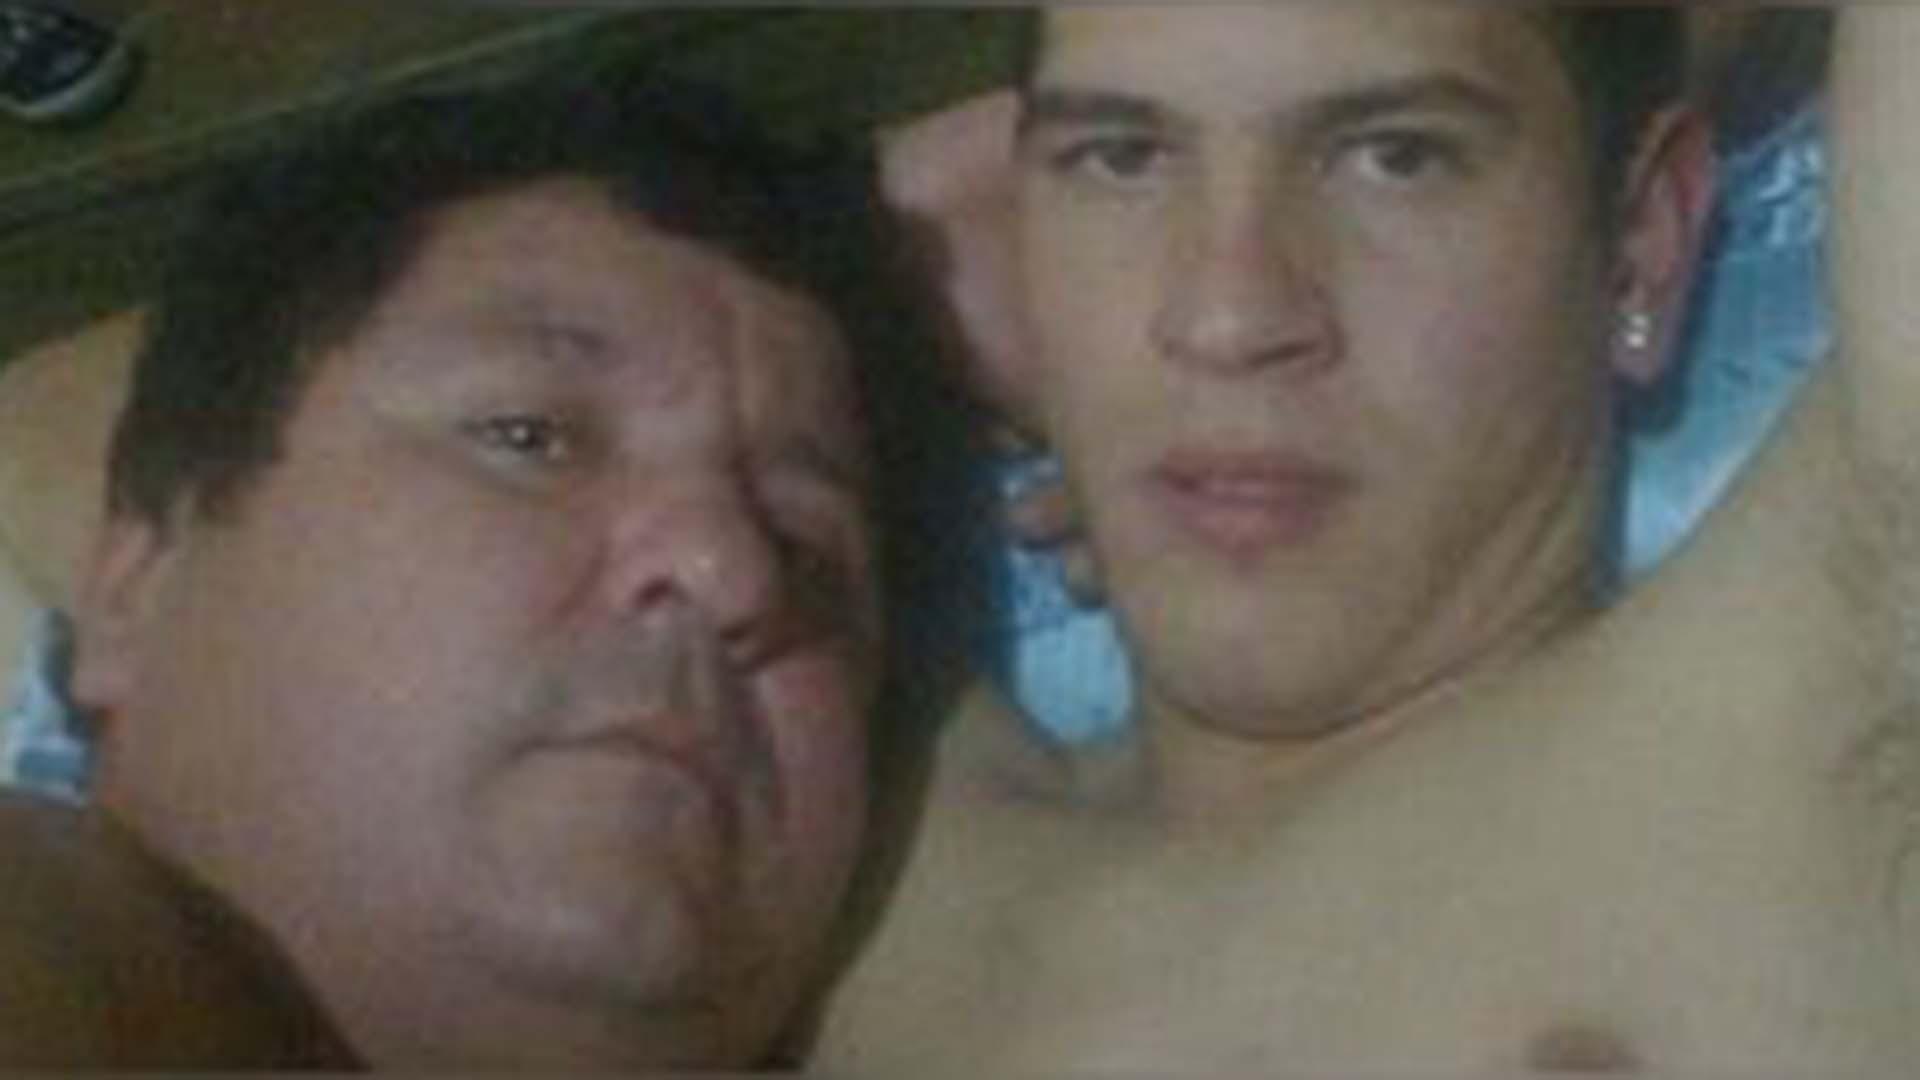 La foto que disparó el escándalo: Antonio González y Bernardo Gabriel Caballero